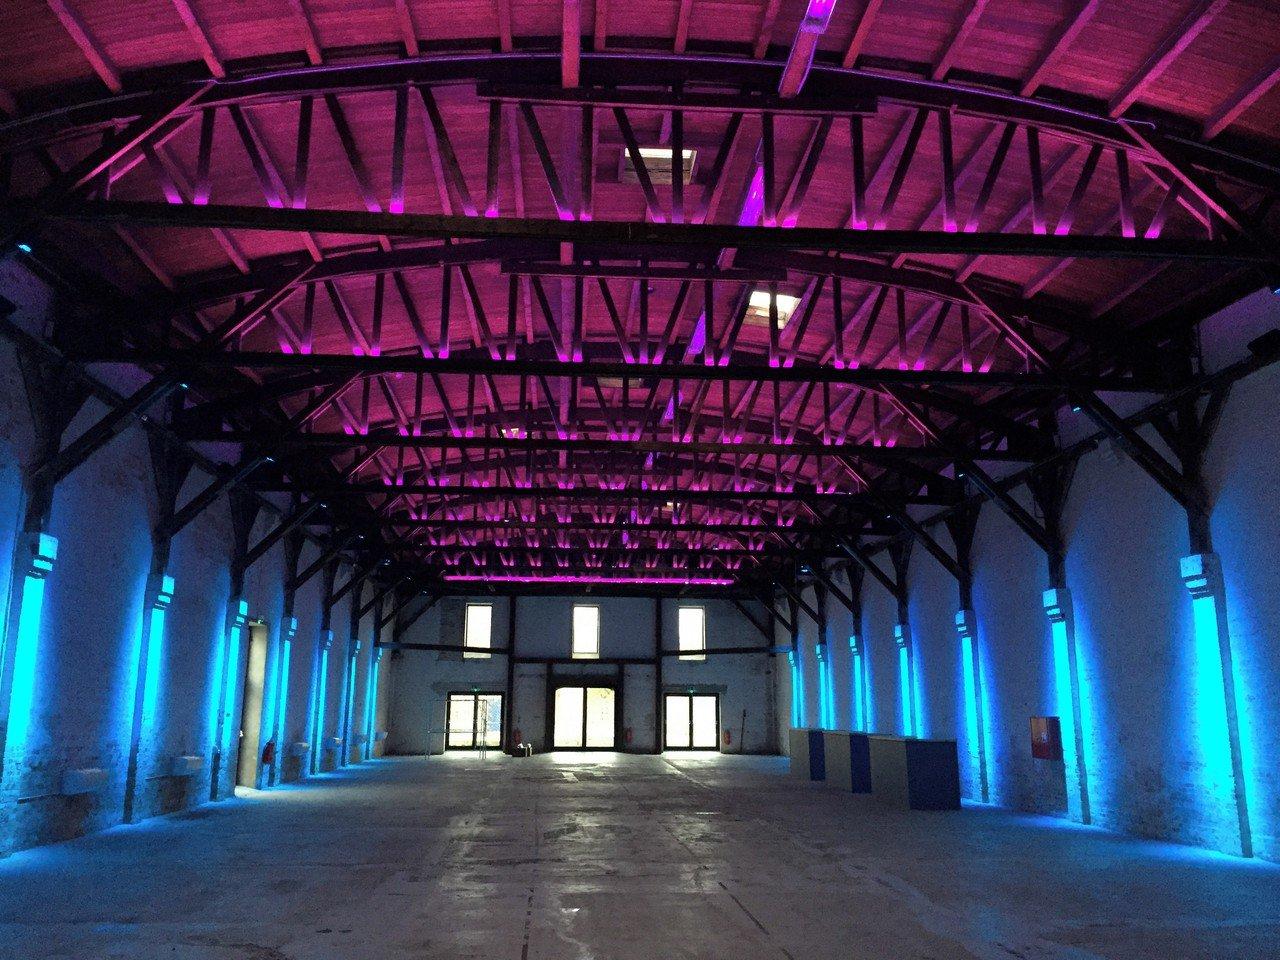 Copenhagen corporate event venues Party room Papirhallen image 0